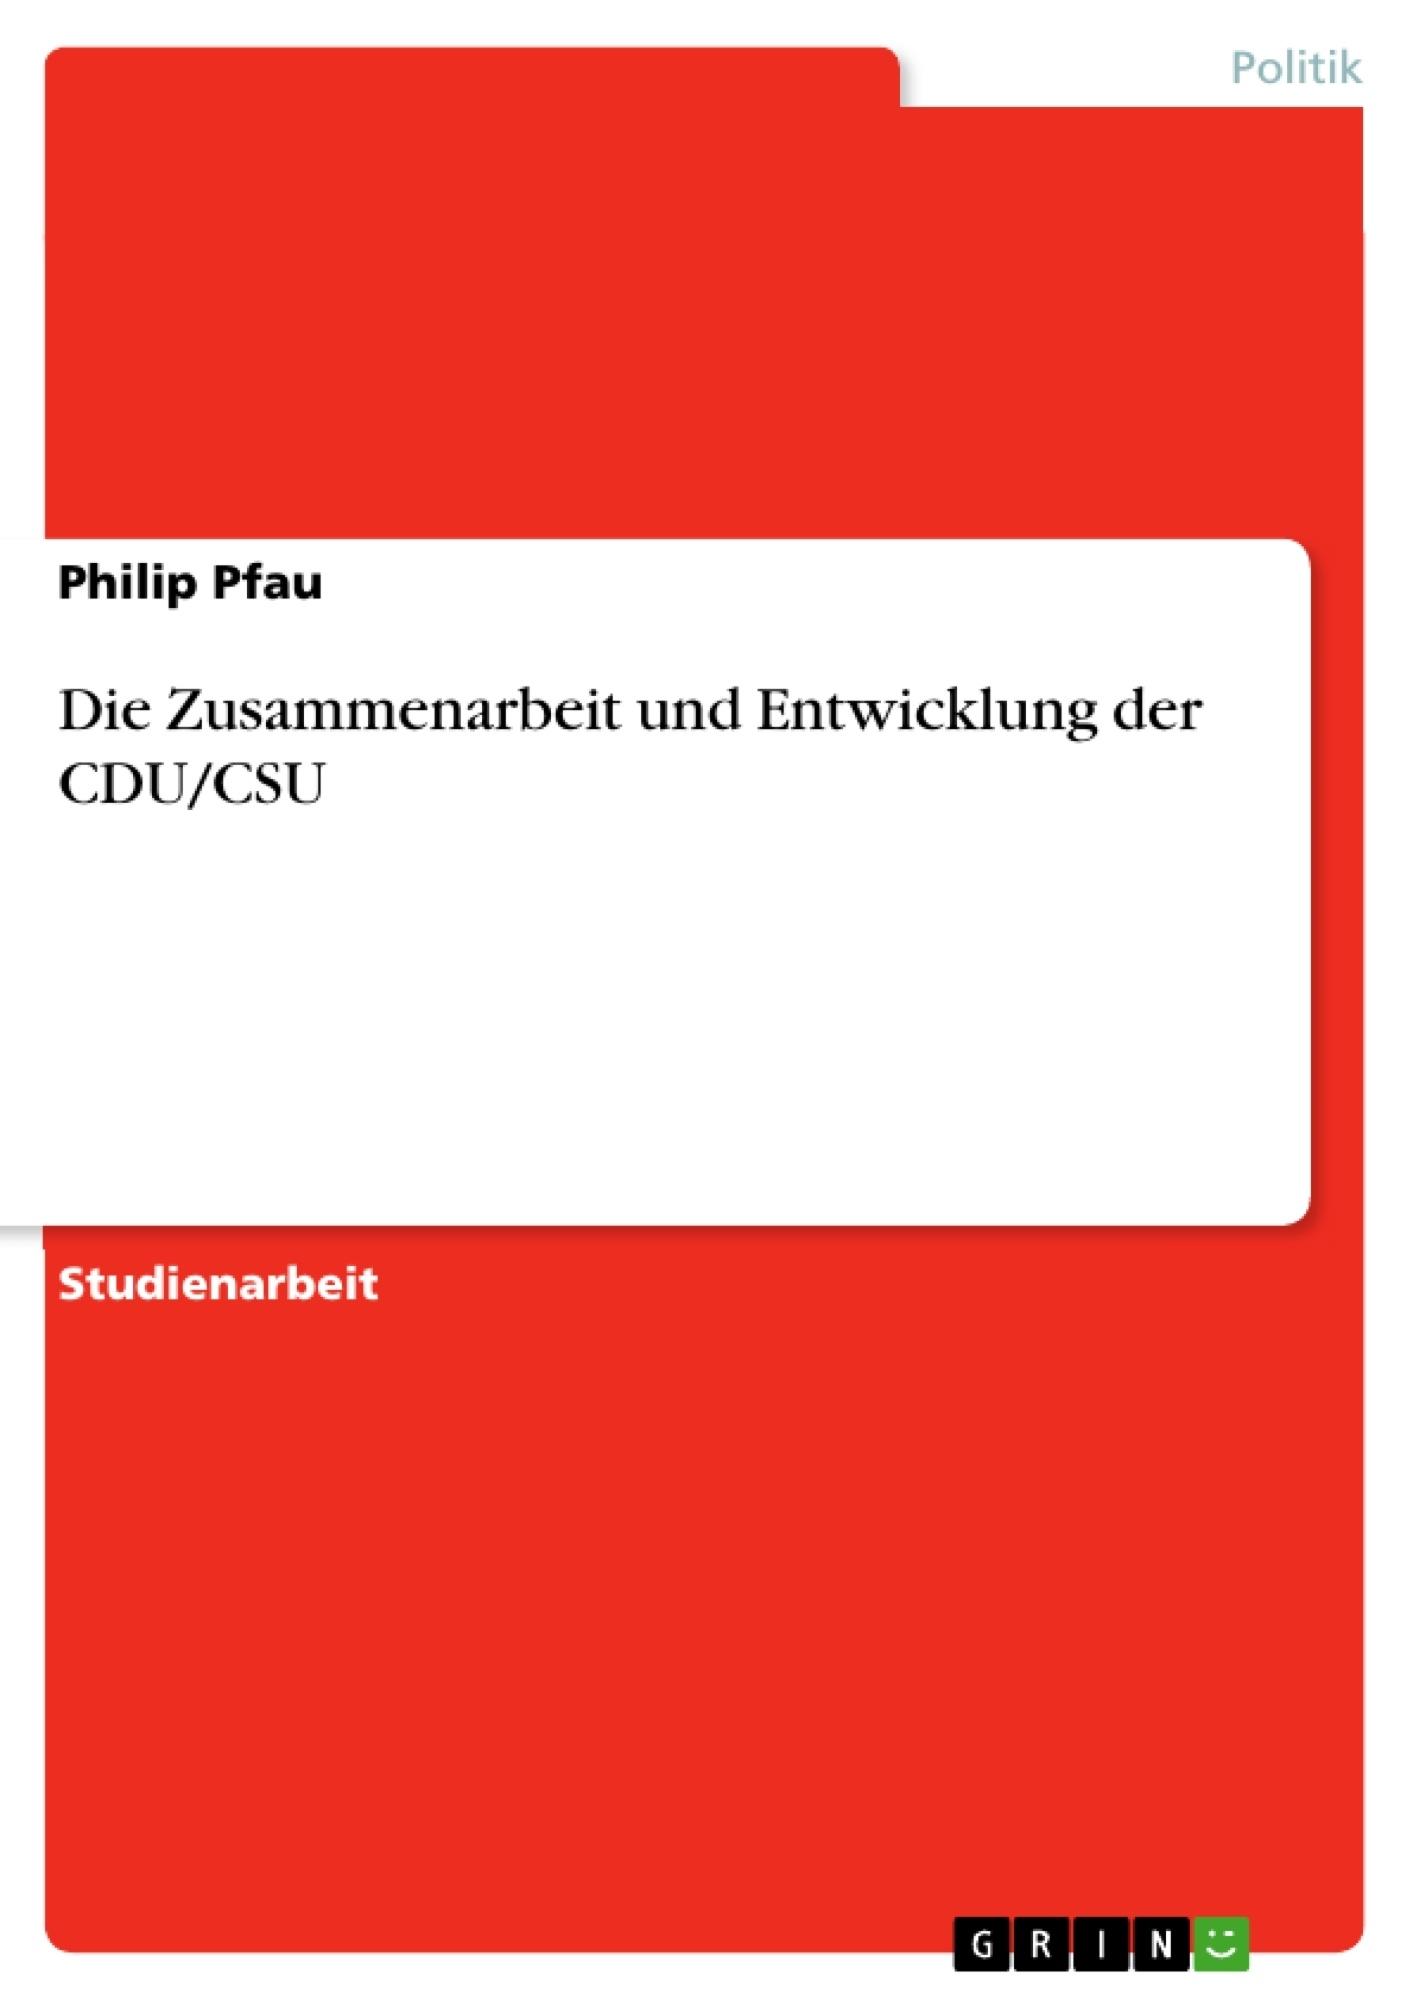 Titel: Die Zusammenarbeit und Entwicklung der CDU/CSU